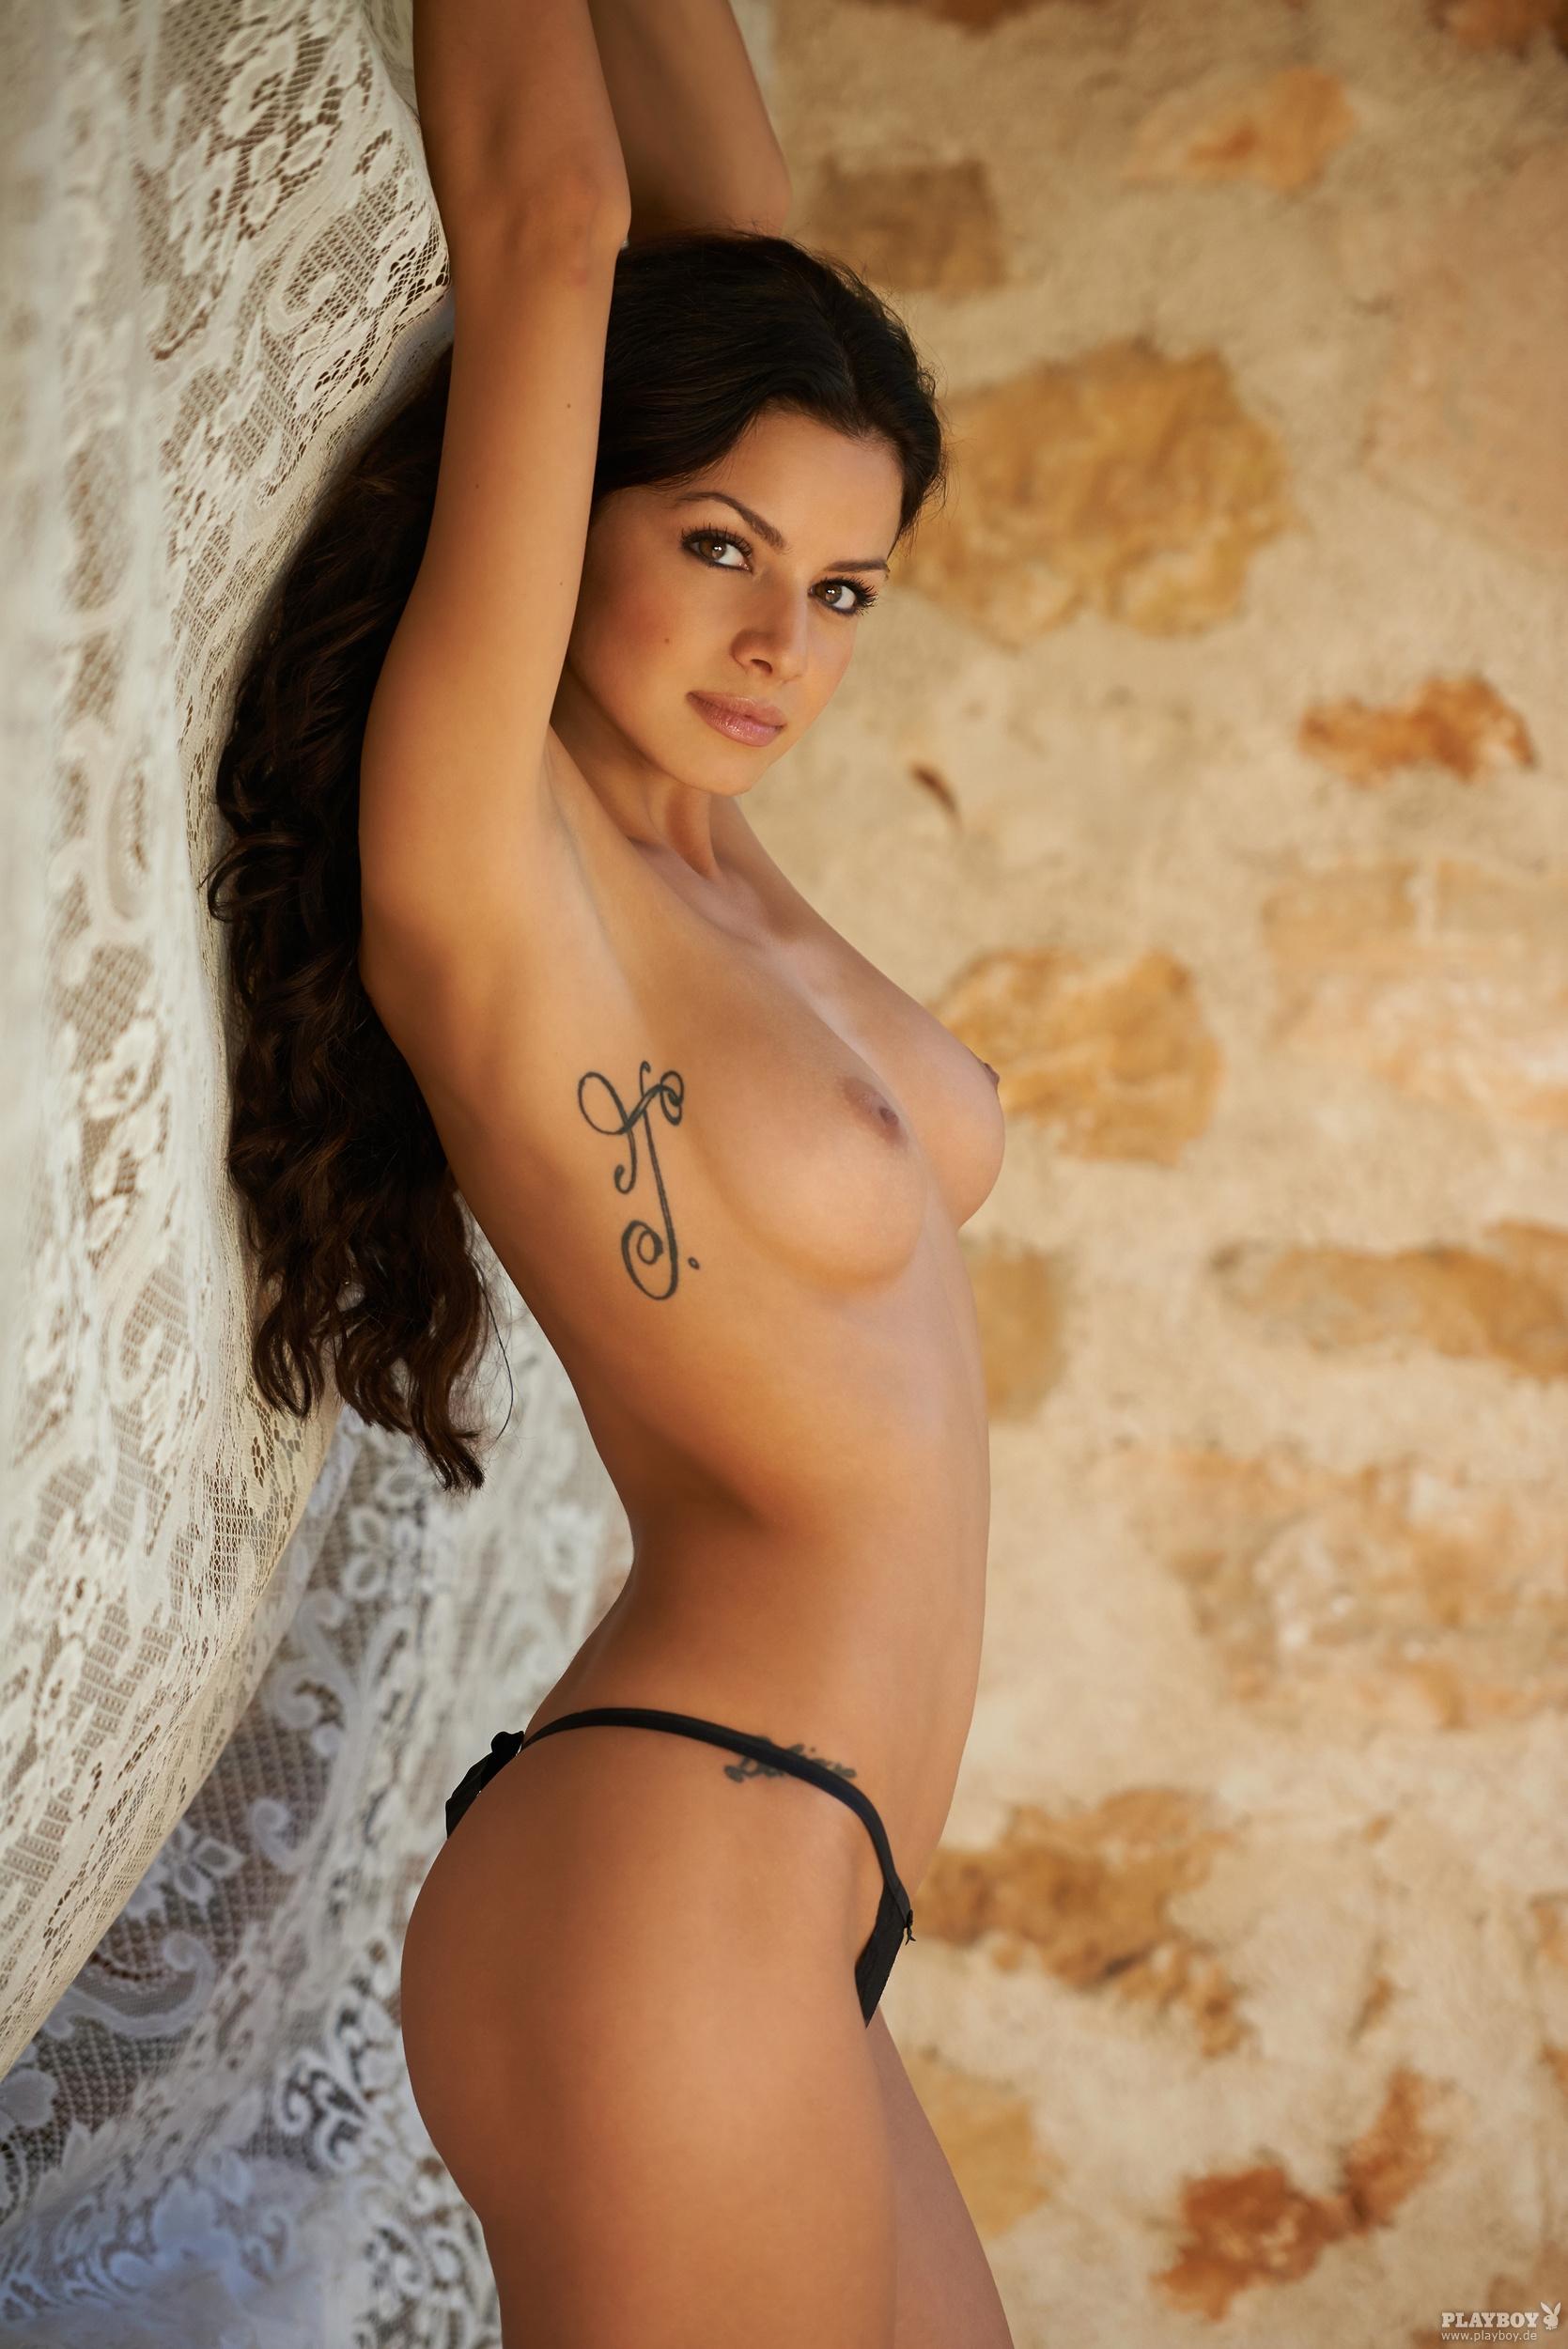 iris-shala-naked-playboy-08